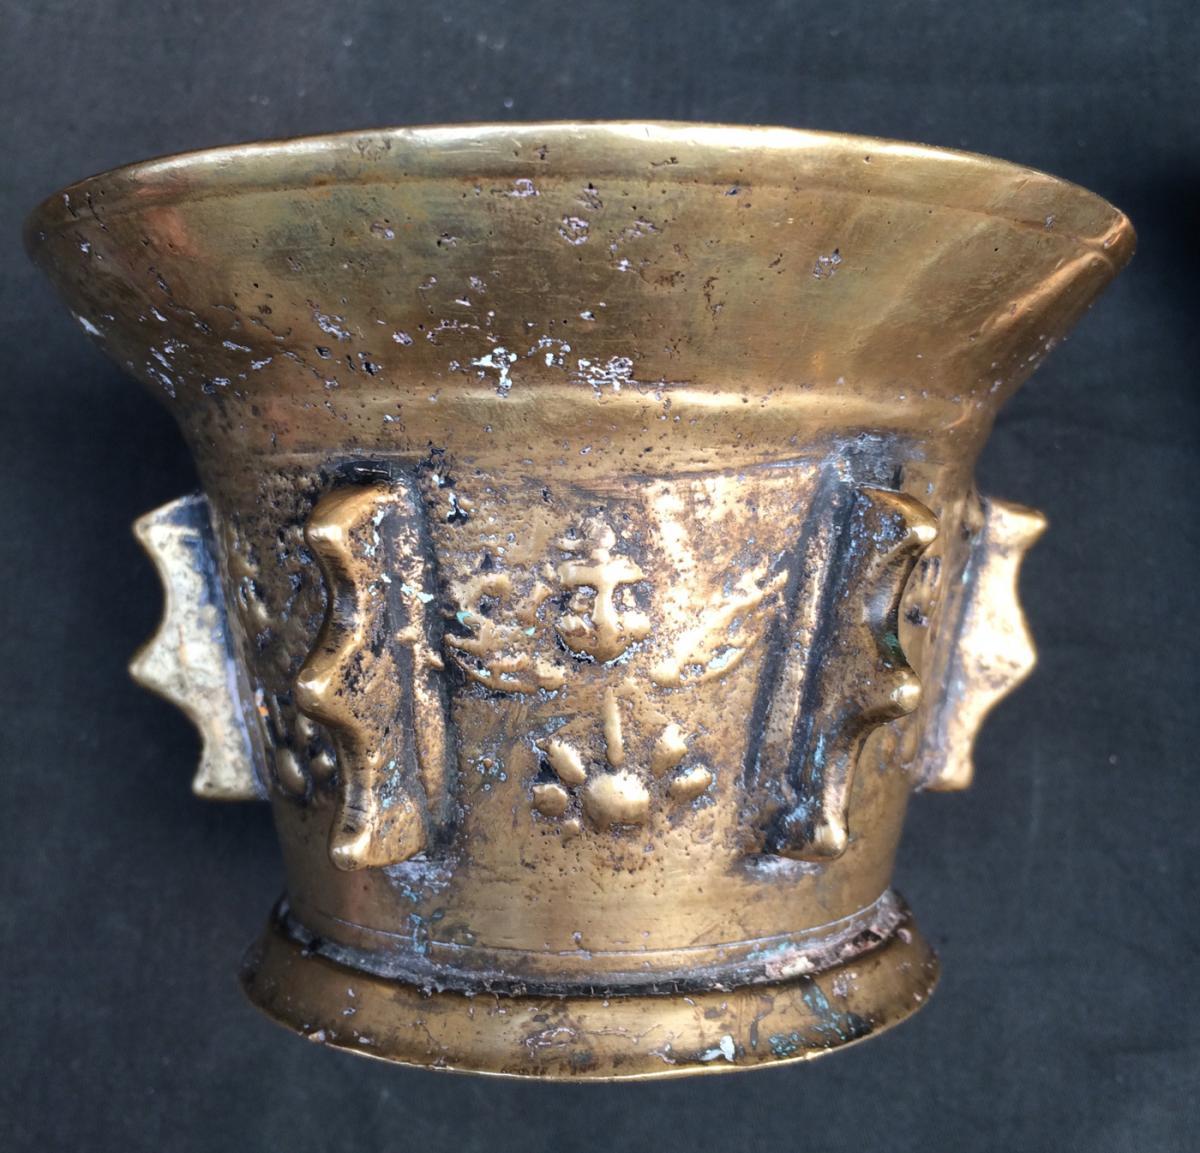 Mortier d'Apothicaire Et Son Pilon-angelots Appliqués-bronze-17e-haute Époque--photo-3